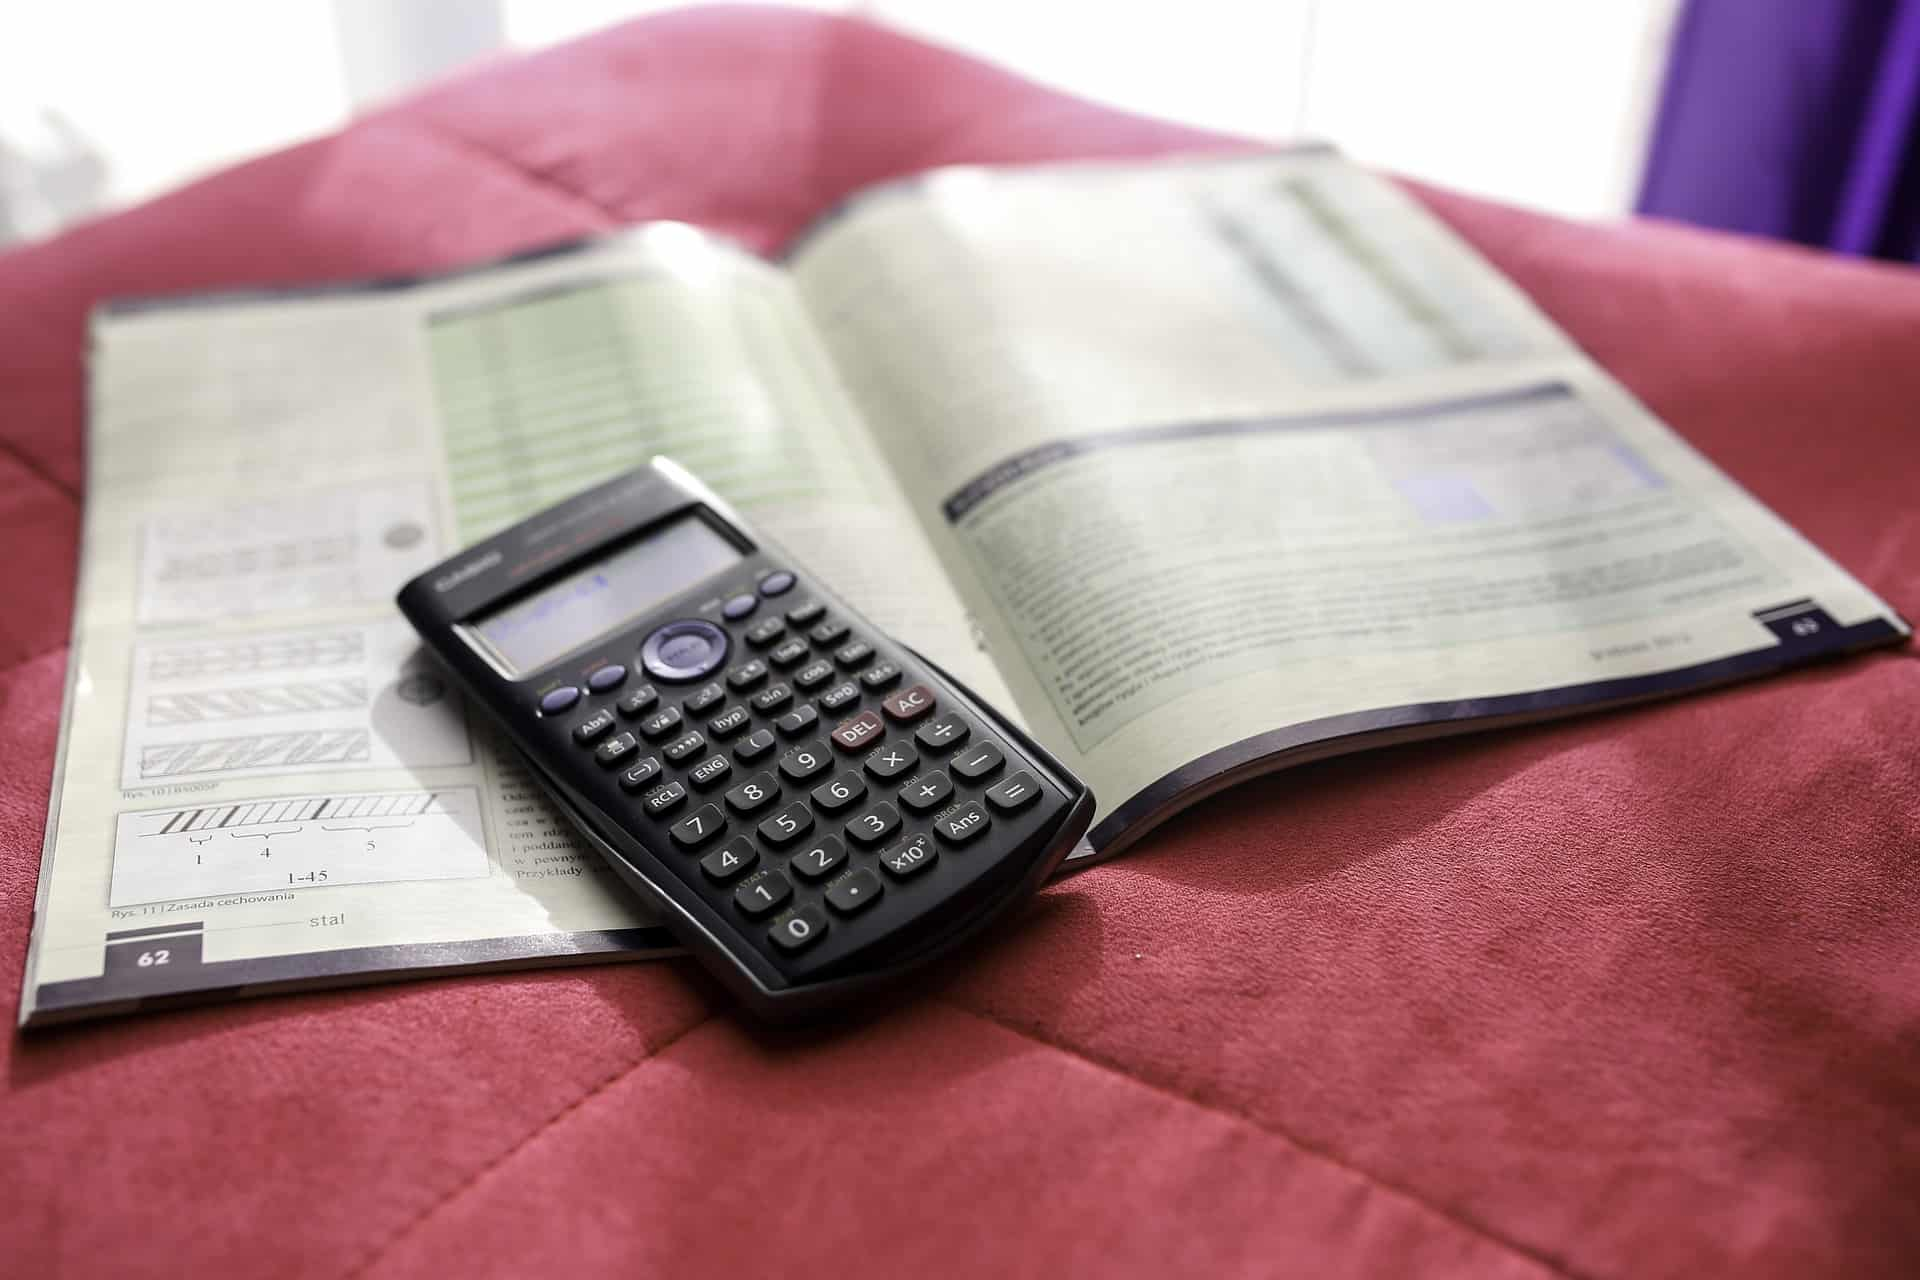 Imagem mostra uma calculadora científica em cima de livro.